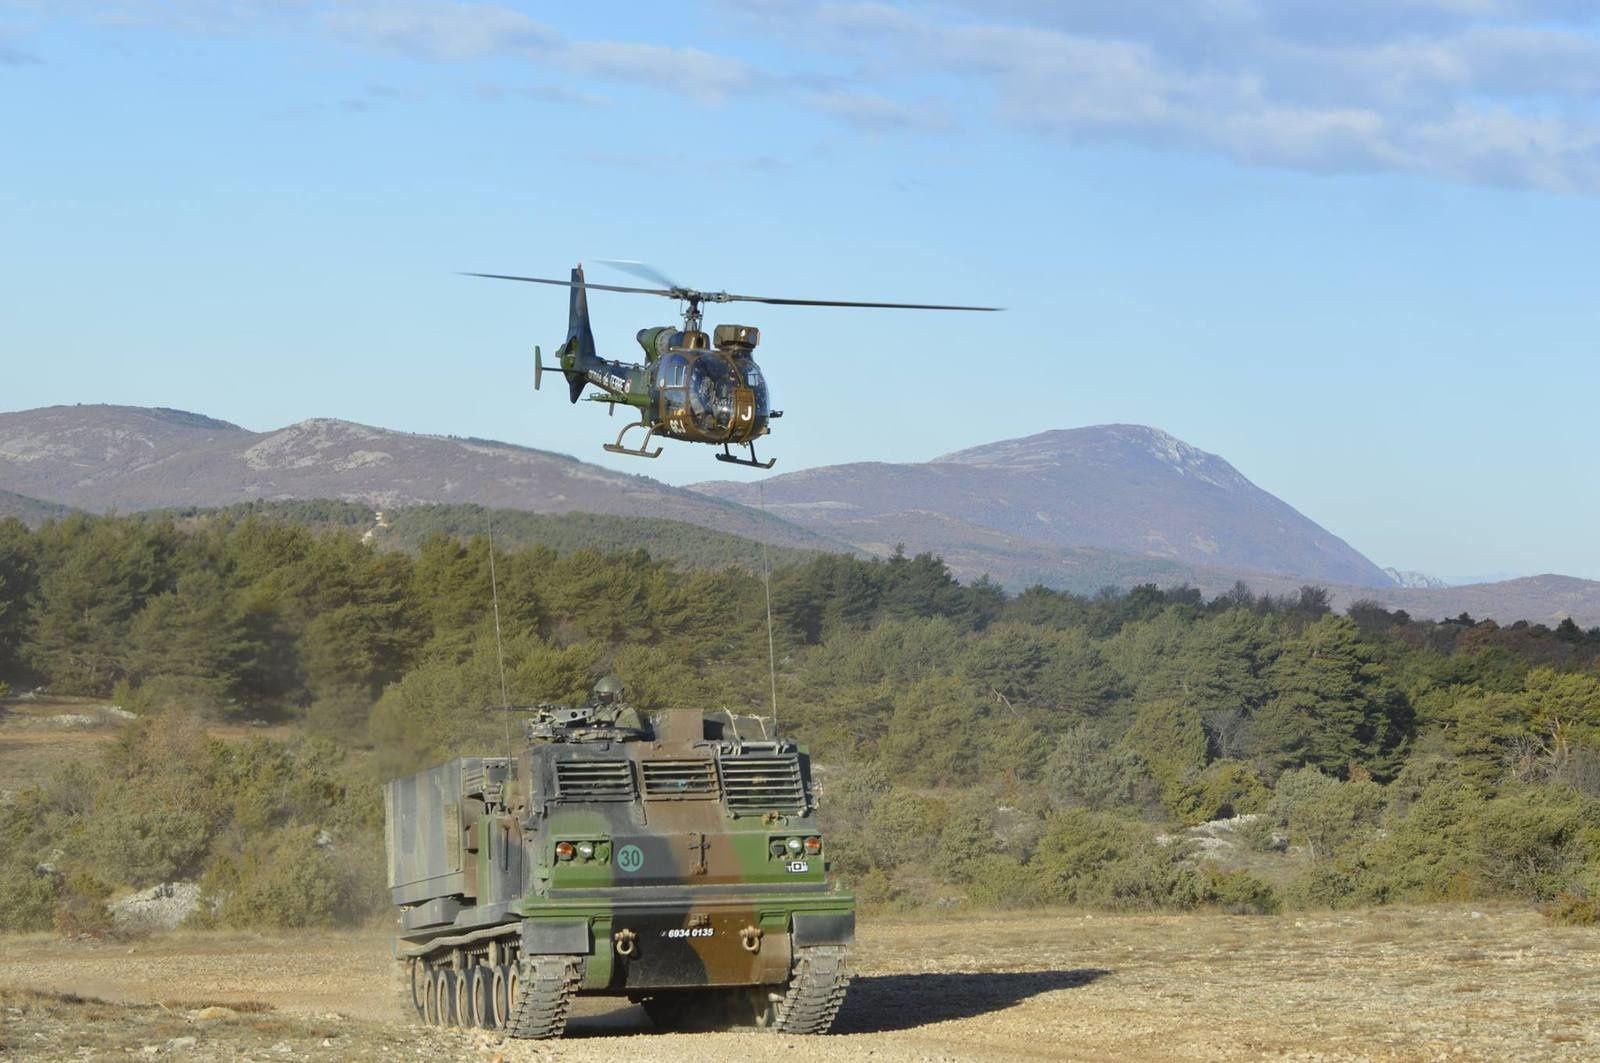 © EHRA 3 - Une Gazelle de la 3/3 en mission d'entraînement dans le sud de la France, avec un lance roquette unitaire.